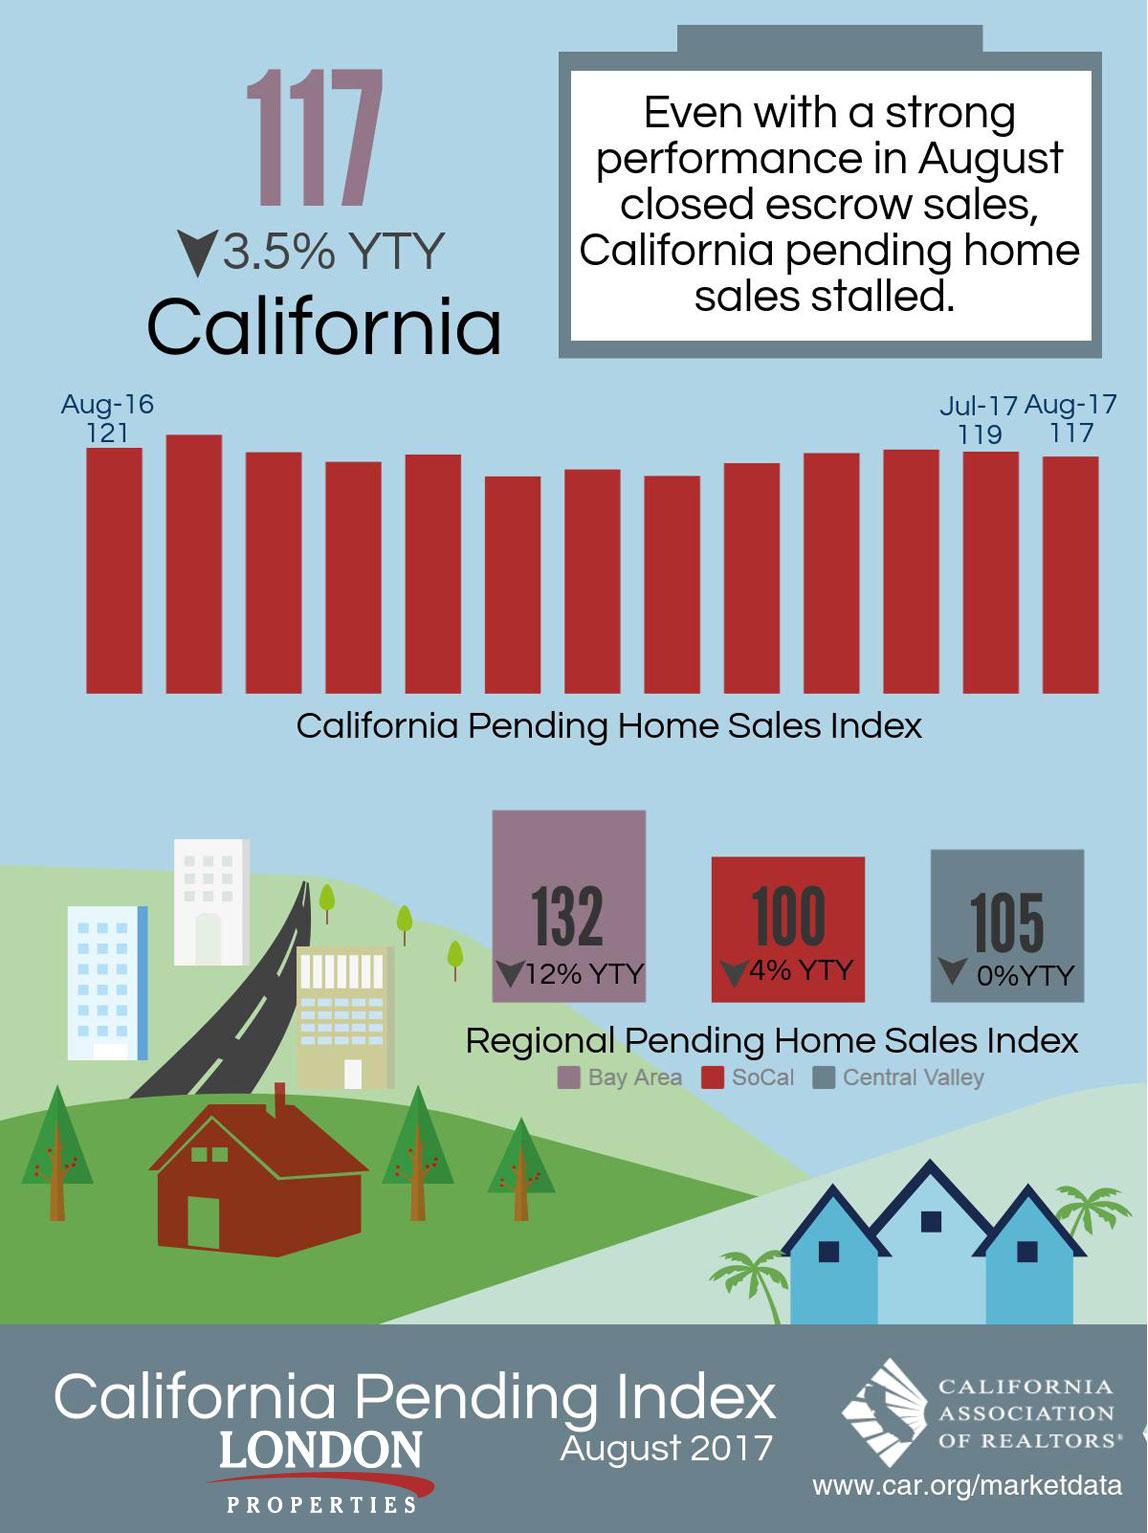 California Pending Index